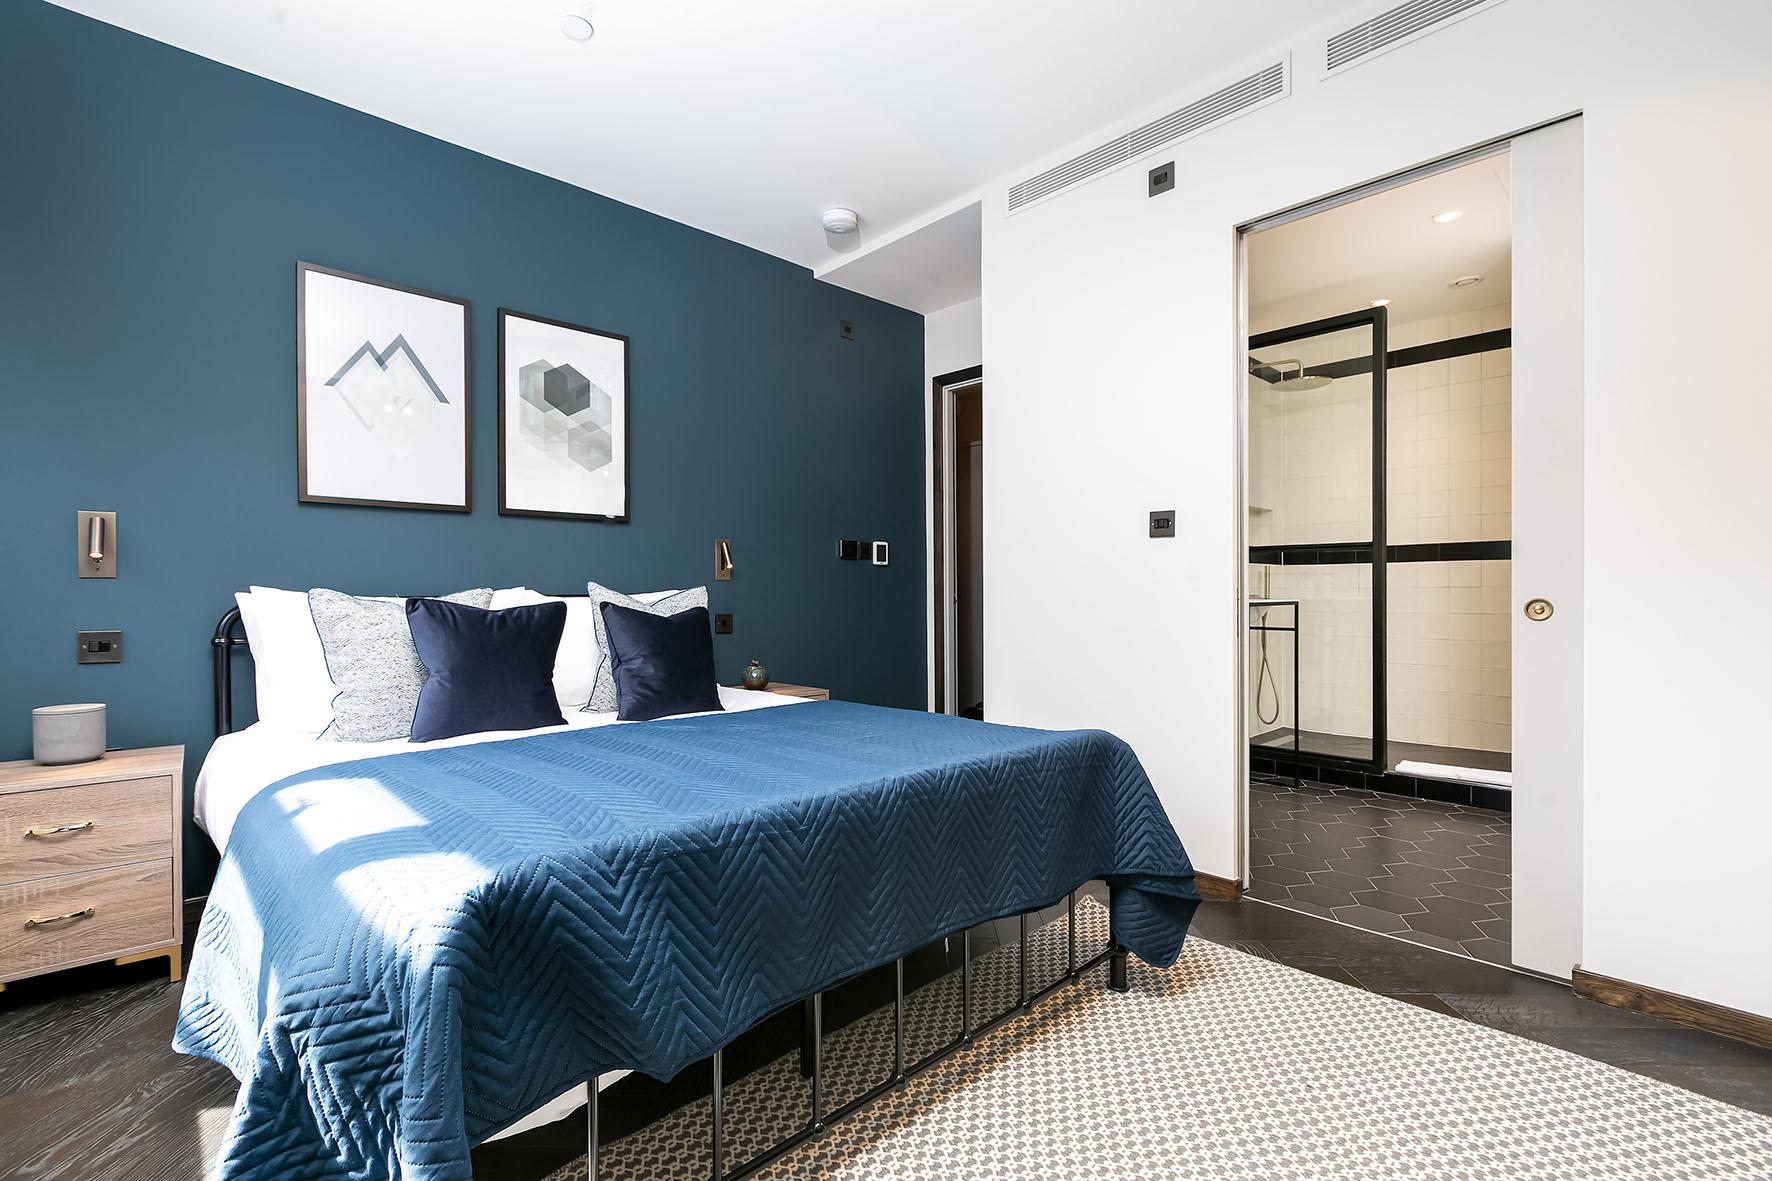 Lovelydays luxury service apartment rental - London - Soho - Oxford Street IV - Lovelysuite - 2 bedrooms - 2 bathrooms - Queen bed - c195ab9b2331 - Lovelydays